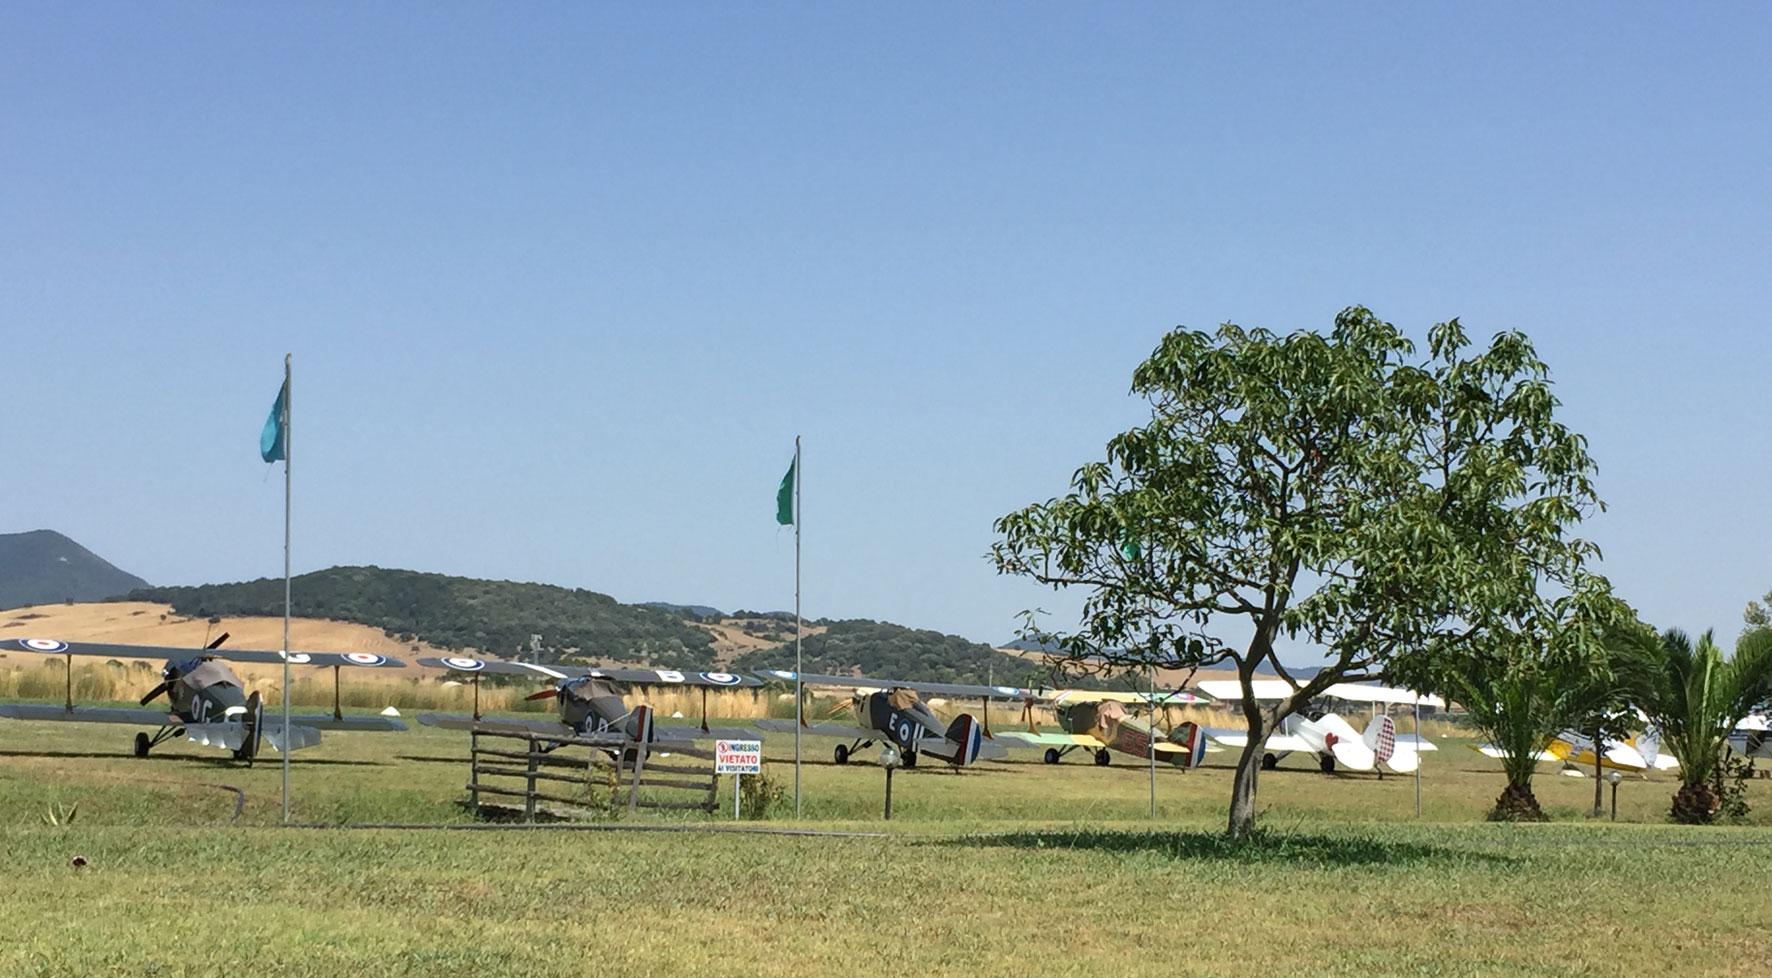 Piccolo raduno a Santa Severa 11 luglio 2020